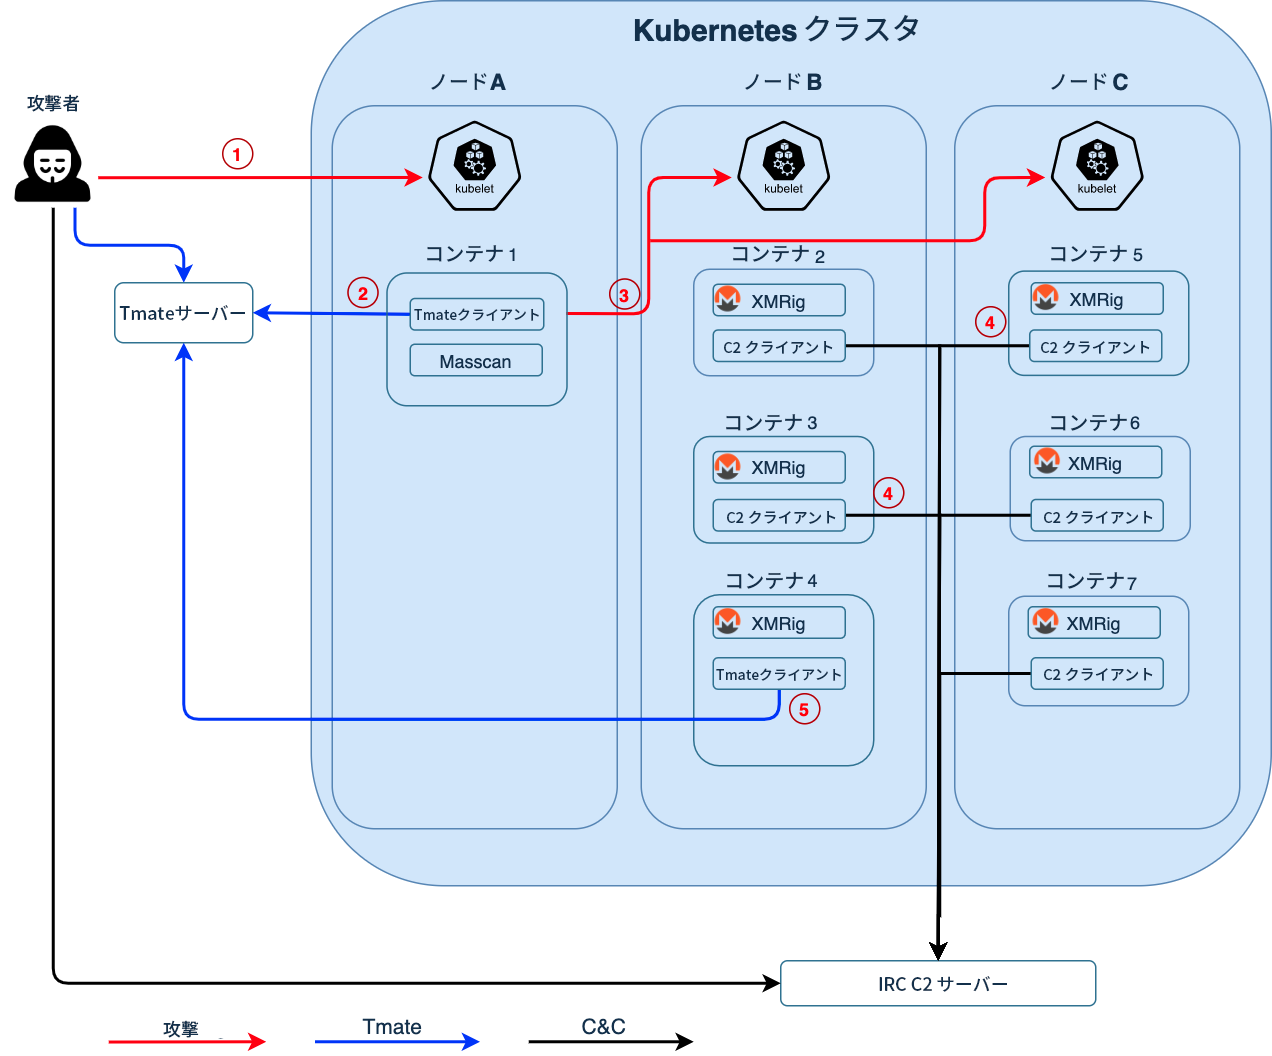 この図は、ノードA、B、Cに分割されたKubernetesクラスタを介した攻撃者の動きを示しています。攻撃からtmateの使用、IRCC2サーバーの使用への進行を示しています。